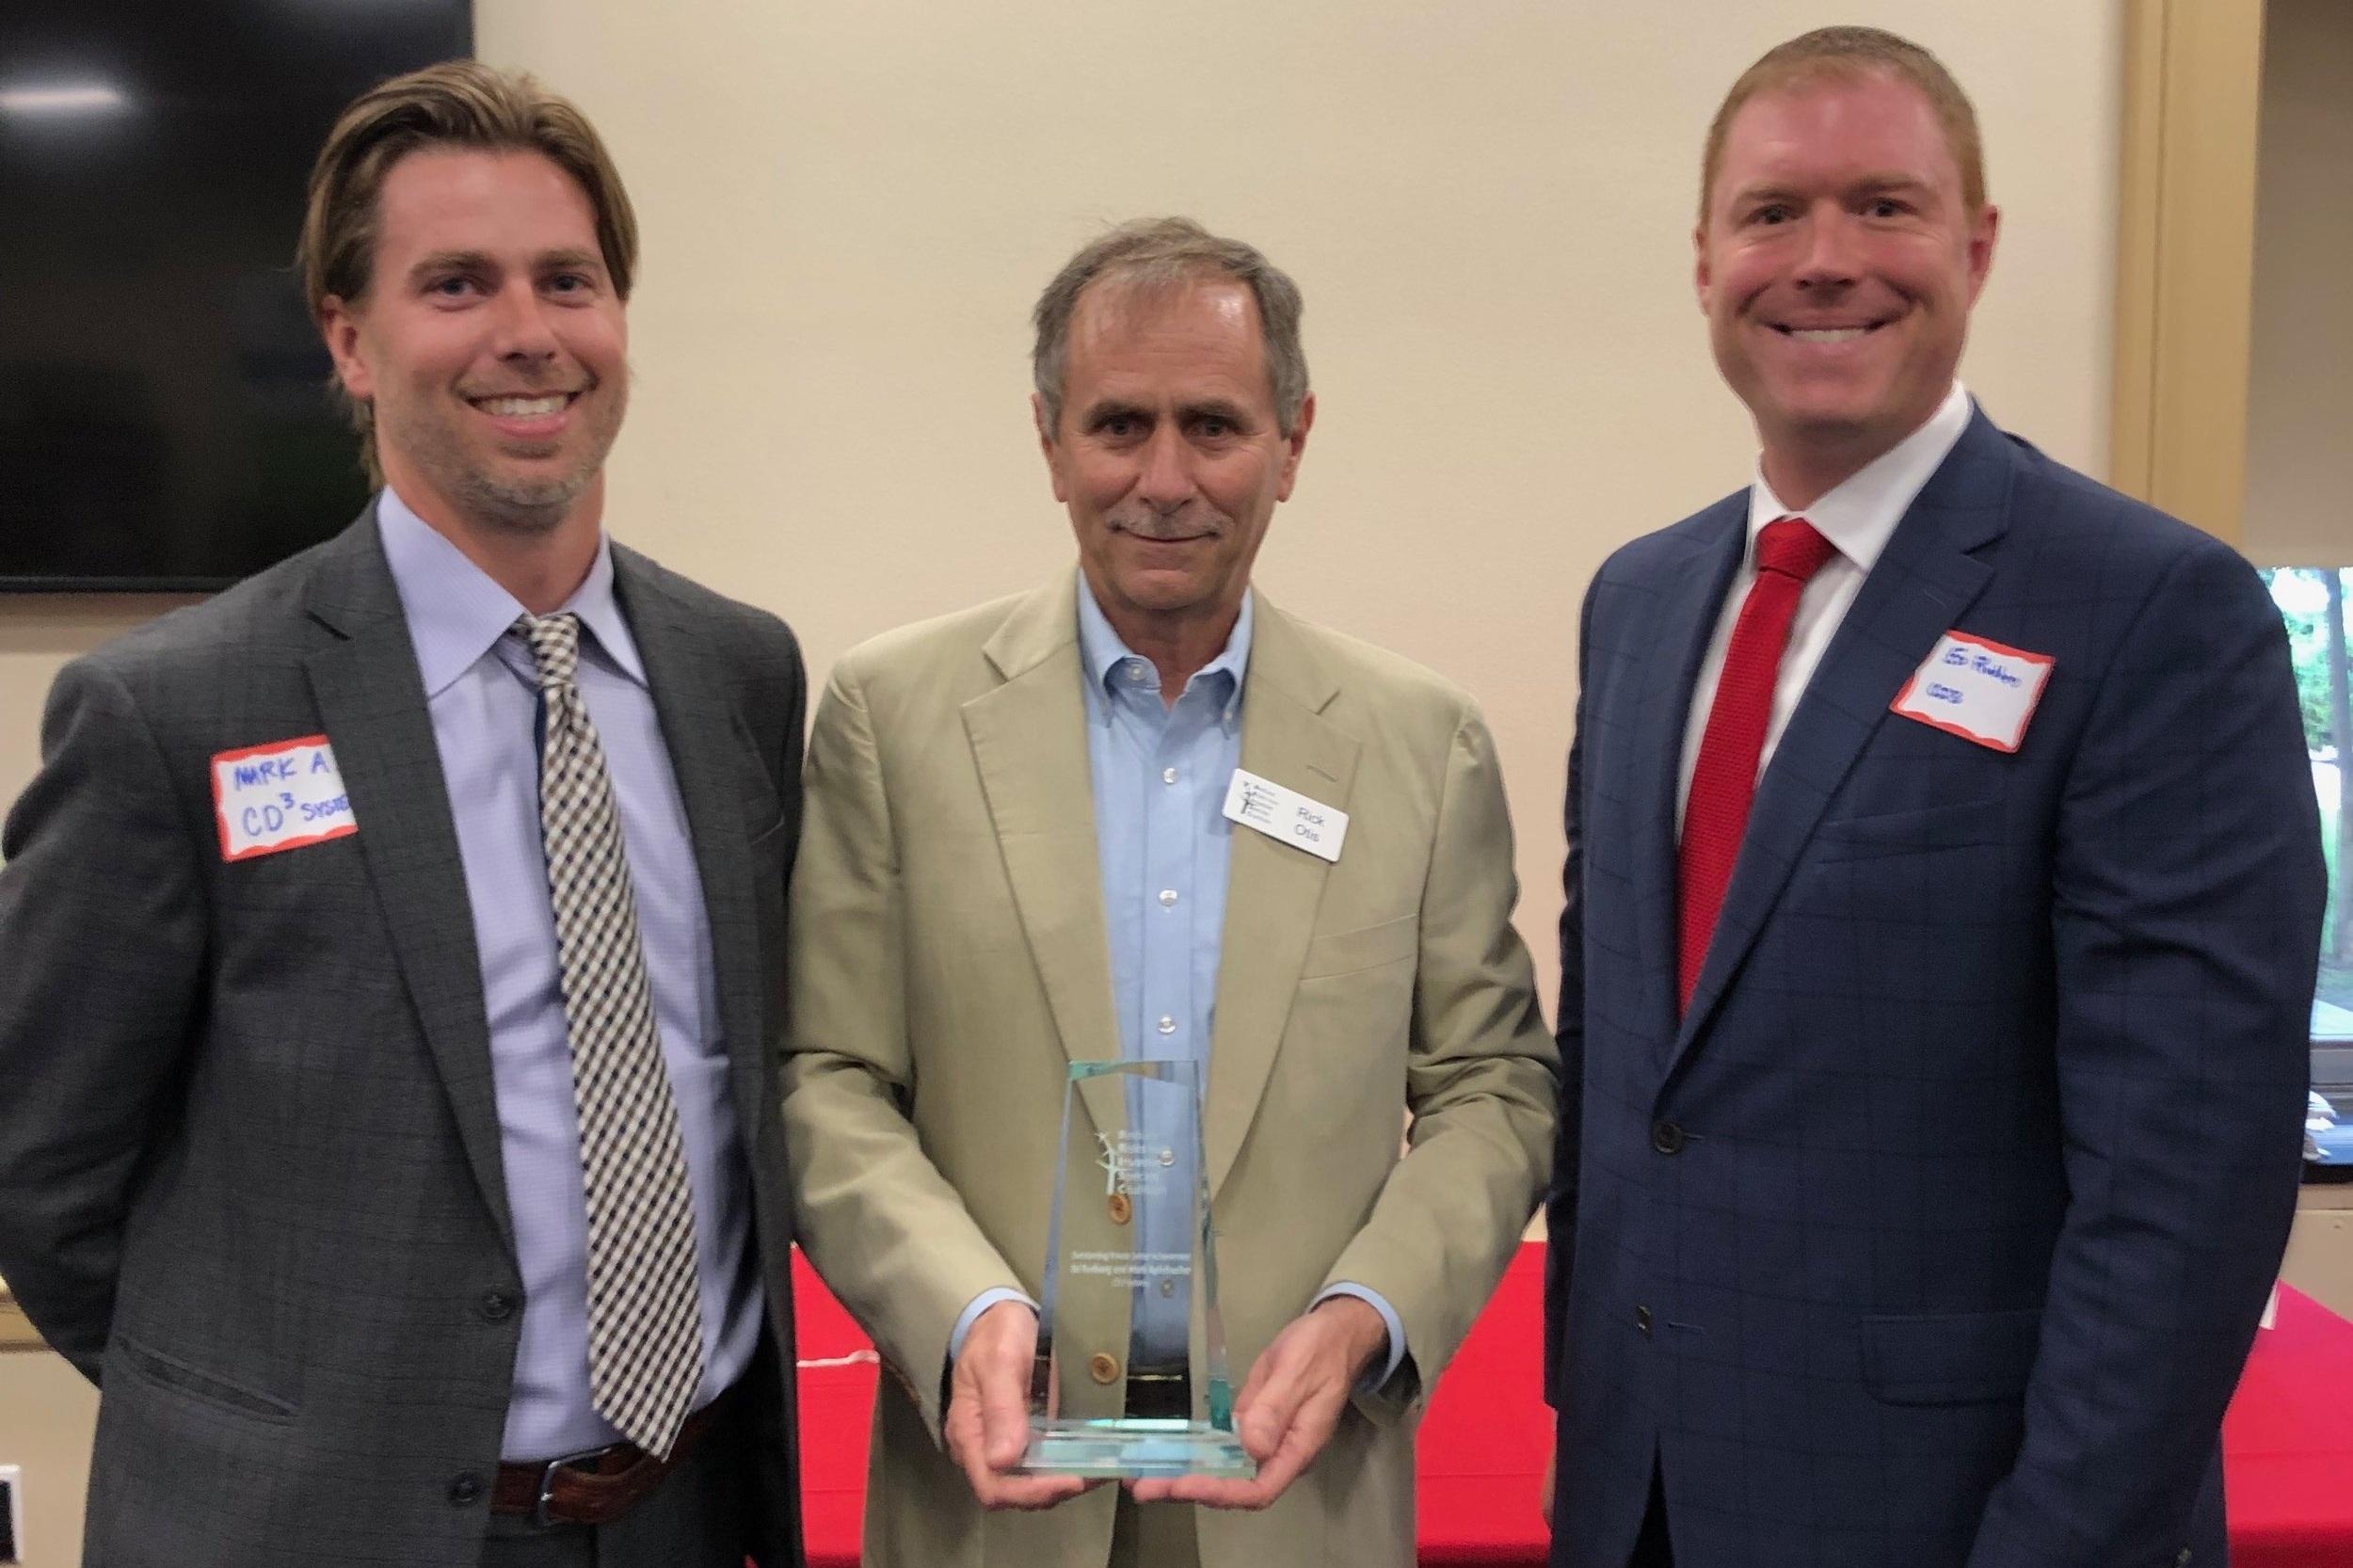 Mark Apfelbacher & Dr. Edgar Rudberg accept award from Rick Otis, President of RRISC